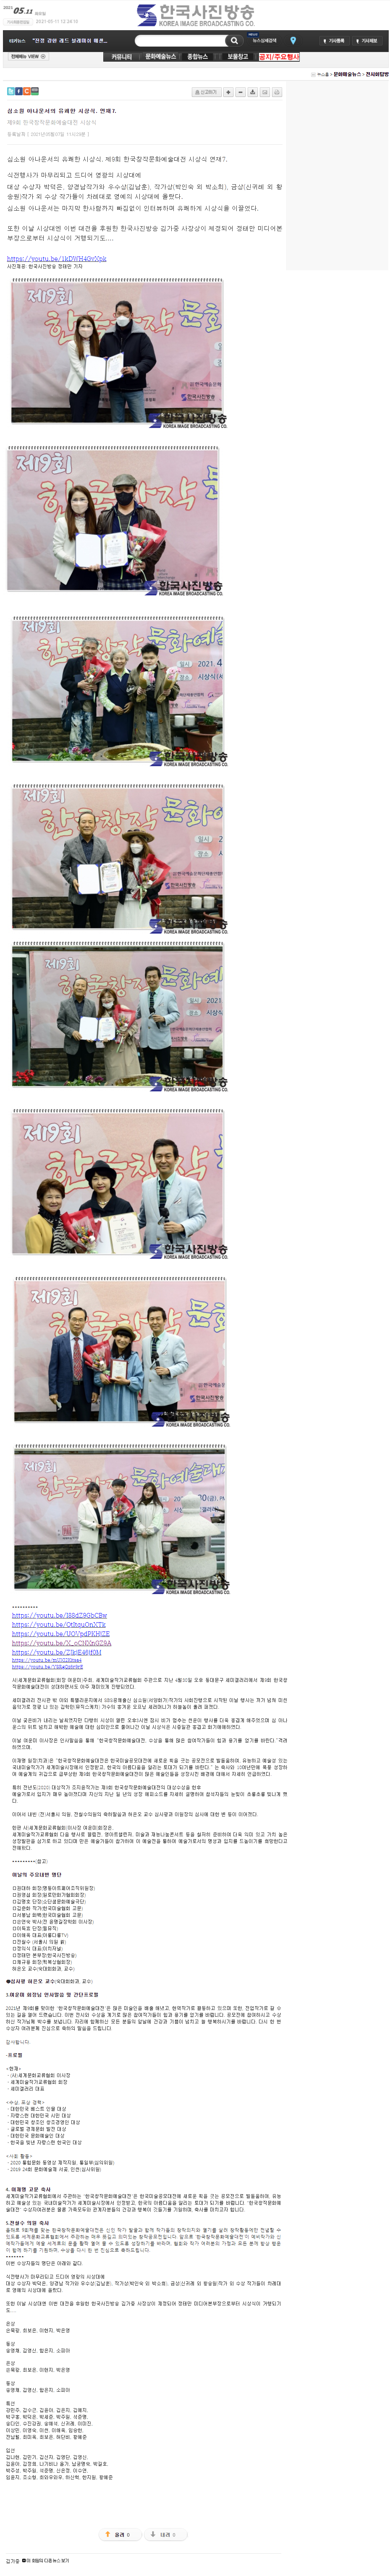 4_한국사진방송_제9회한국창작문화예술대전.png